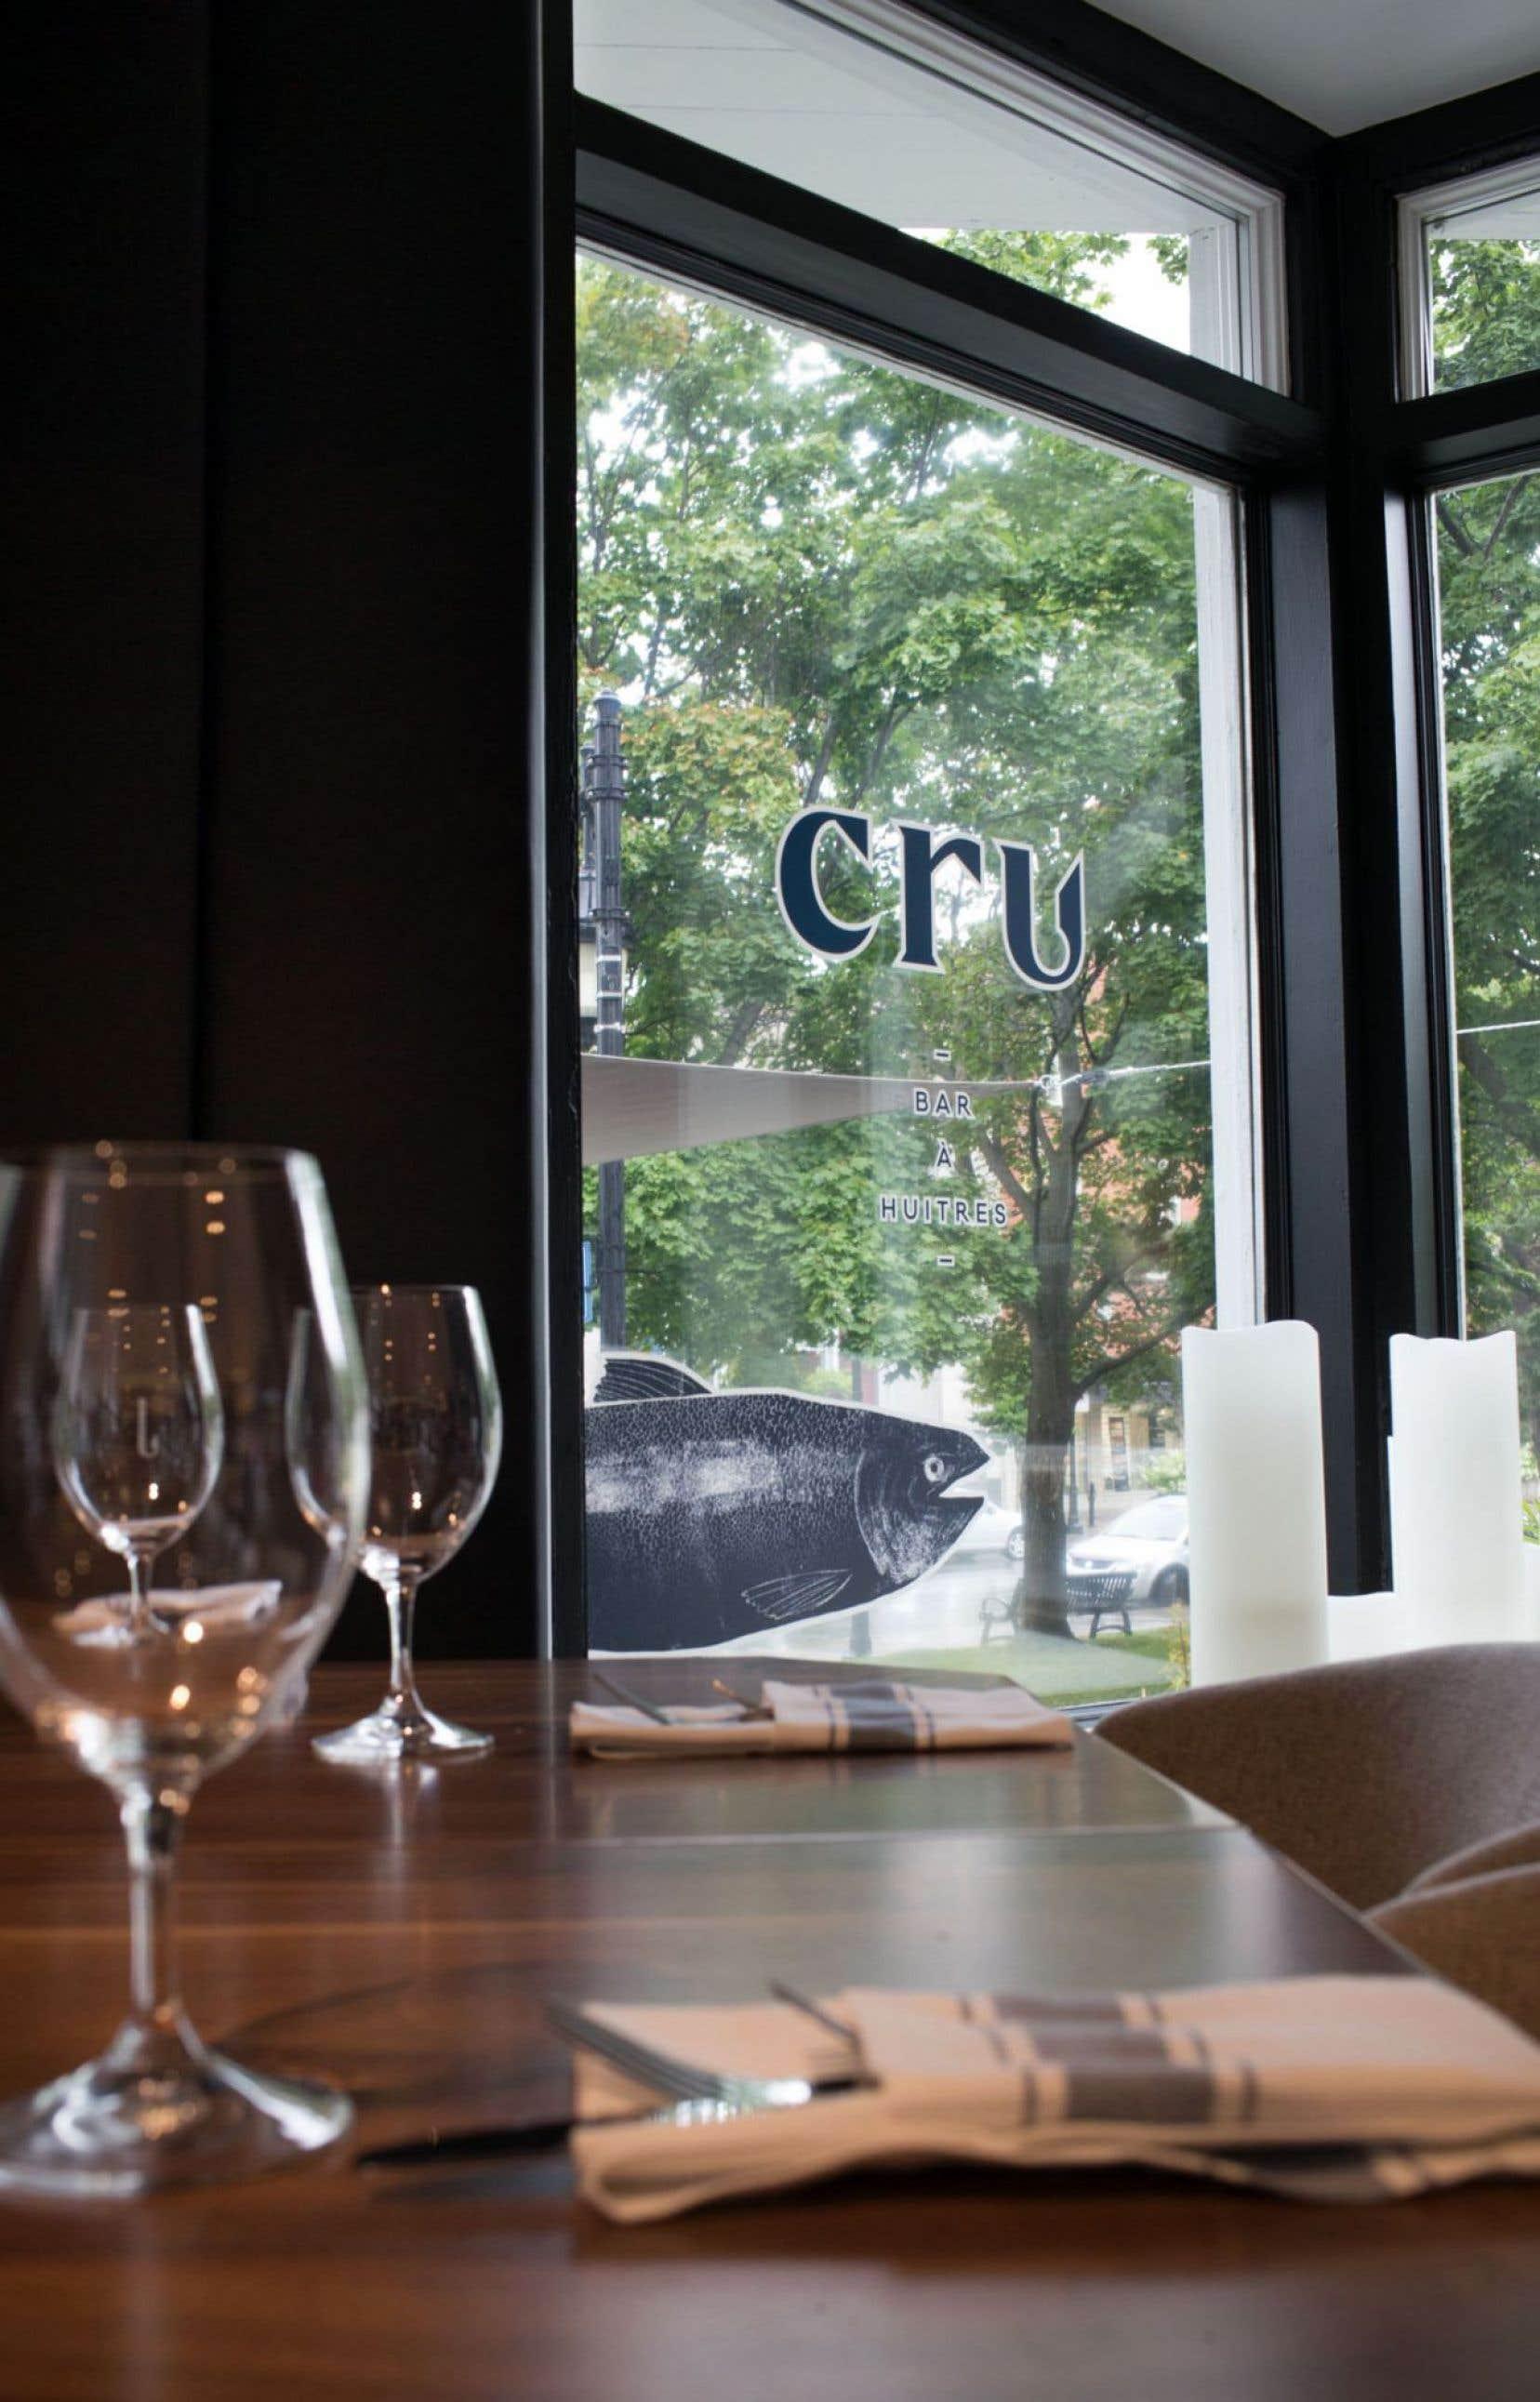 Puisque la maison s'appelle Cru et qu'il y a de jolis dessins d'hameçons un peu partout, nous avons choisi un menu en conséquence.